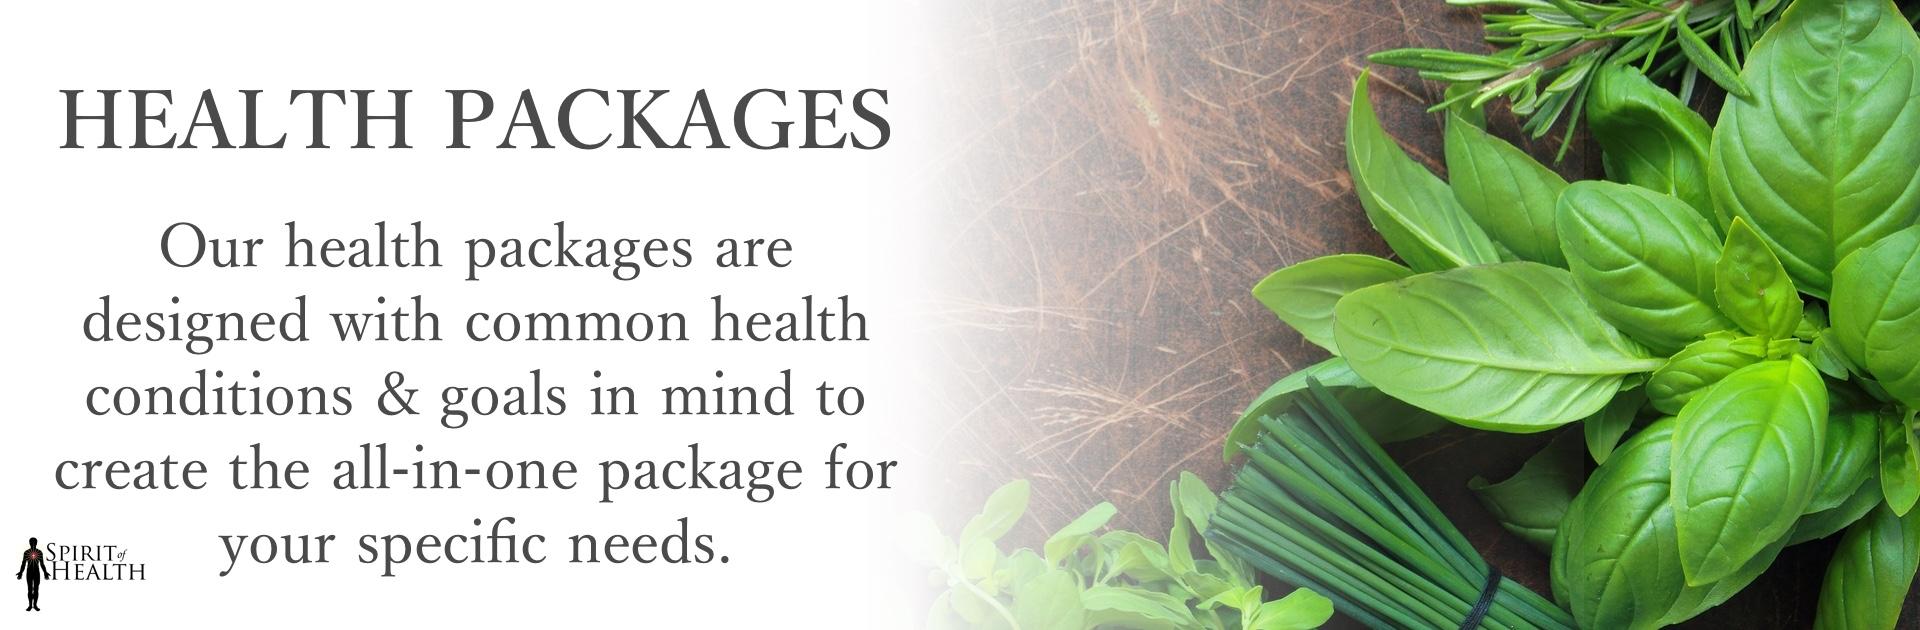 health-package-.jpg